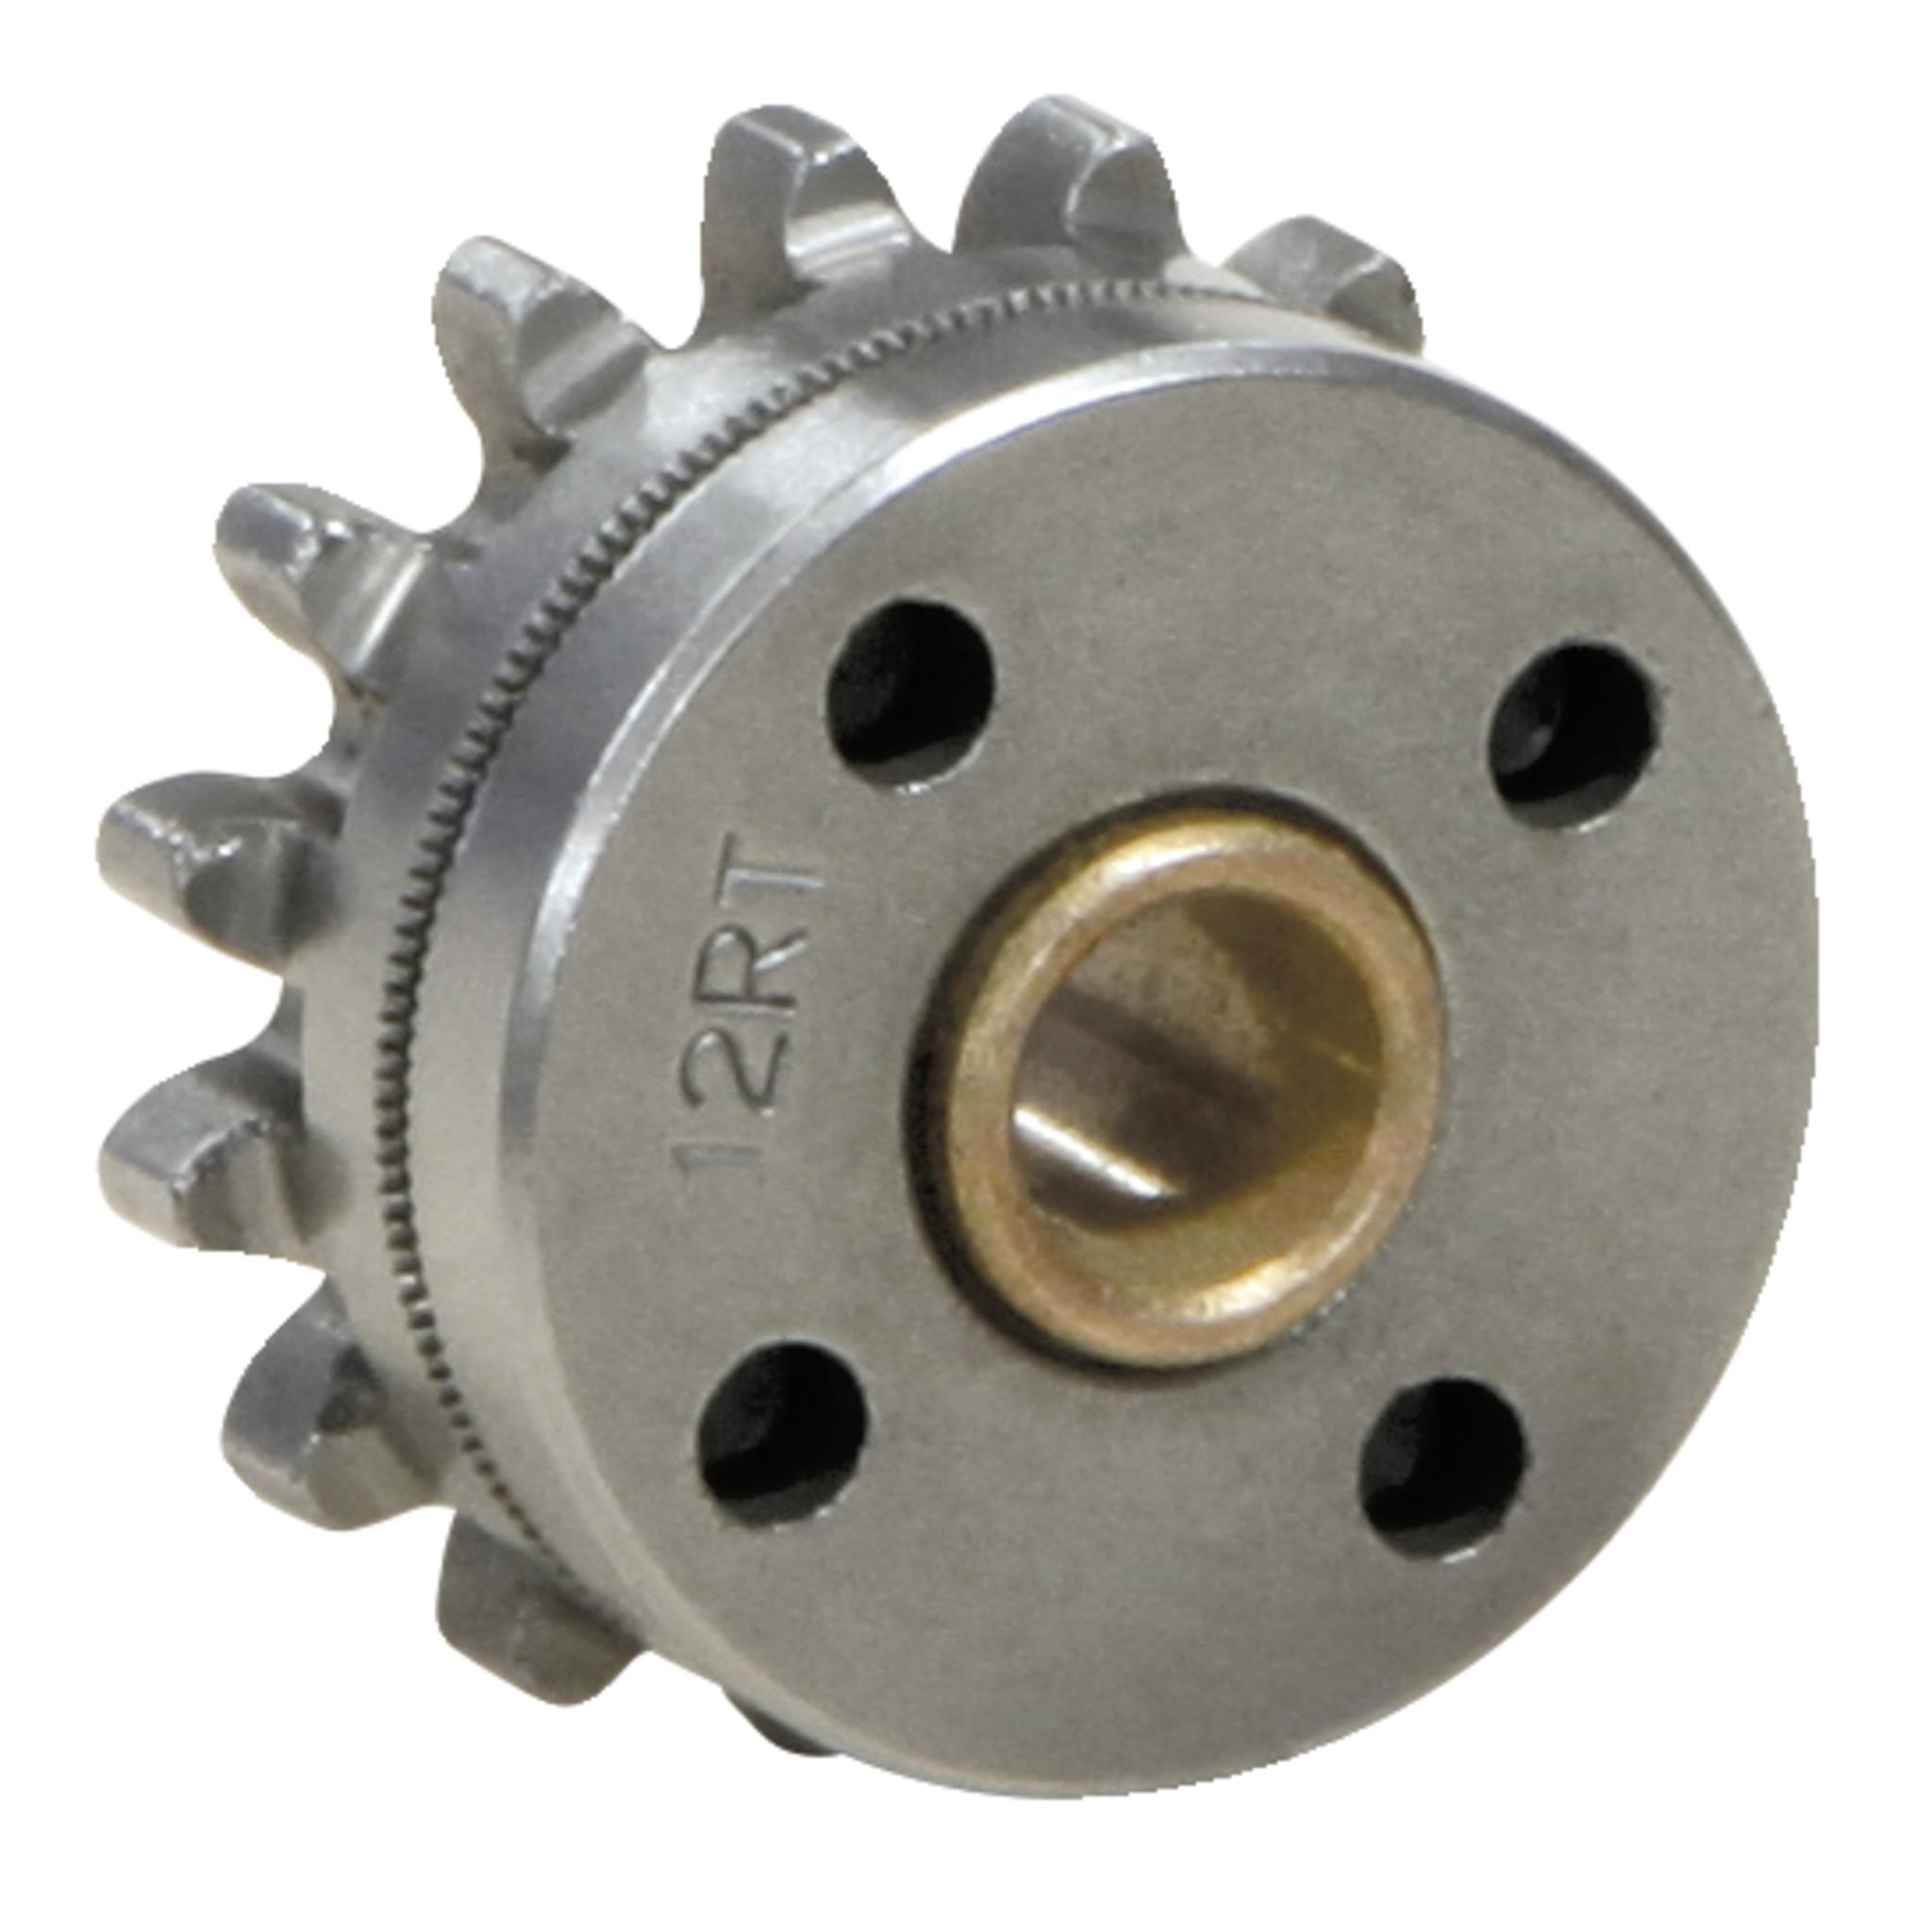 GYS 2 Vorschubrollen - Typ E - Ø 1,2 - Fülldraht Stahl / Edelstahl 038615